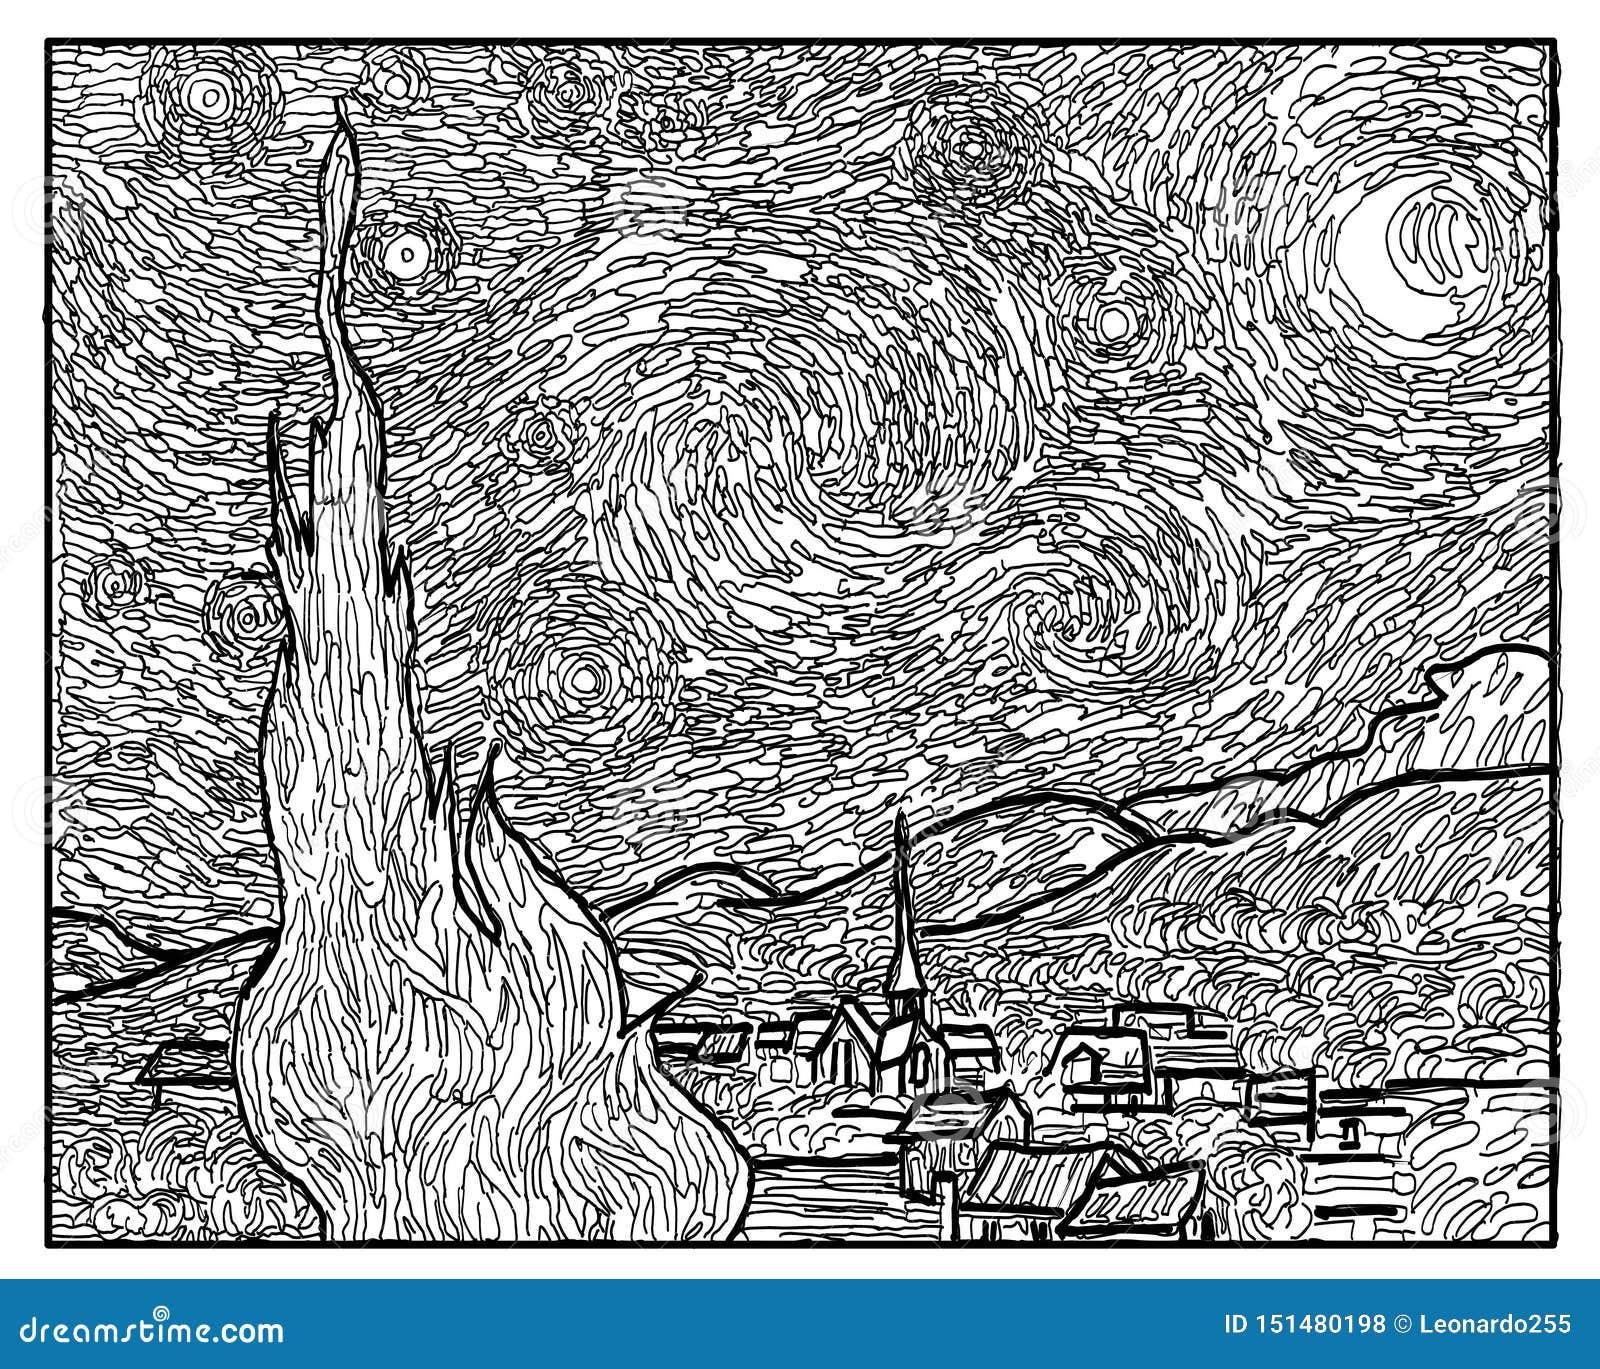 Gogh Illustrazioni Vettoriali E Clipart Stock 429 Illustrazioni Stock